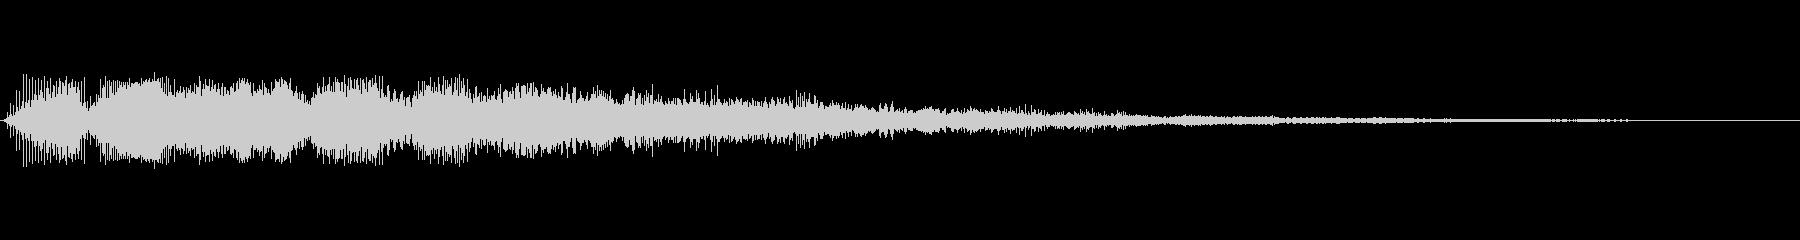 「ピロンッ」という操作・決定などの効果音の未再生の波形